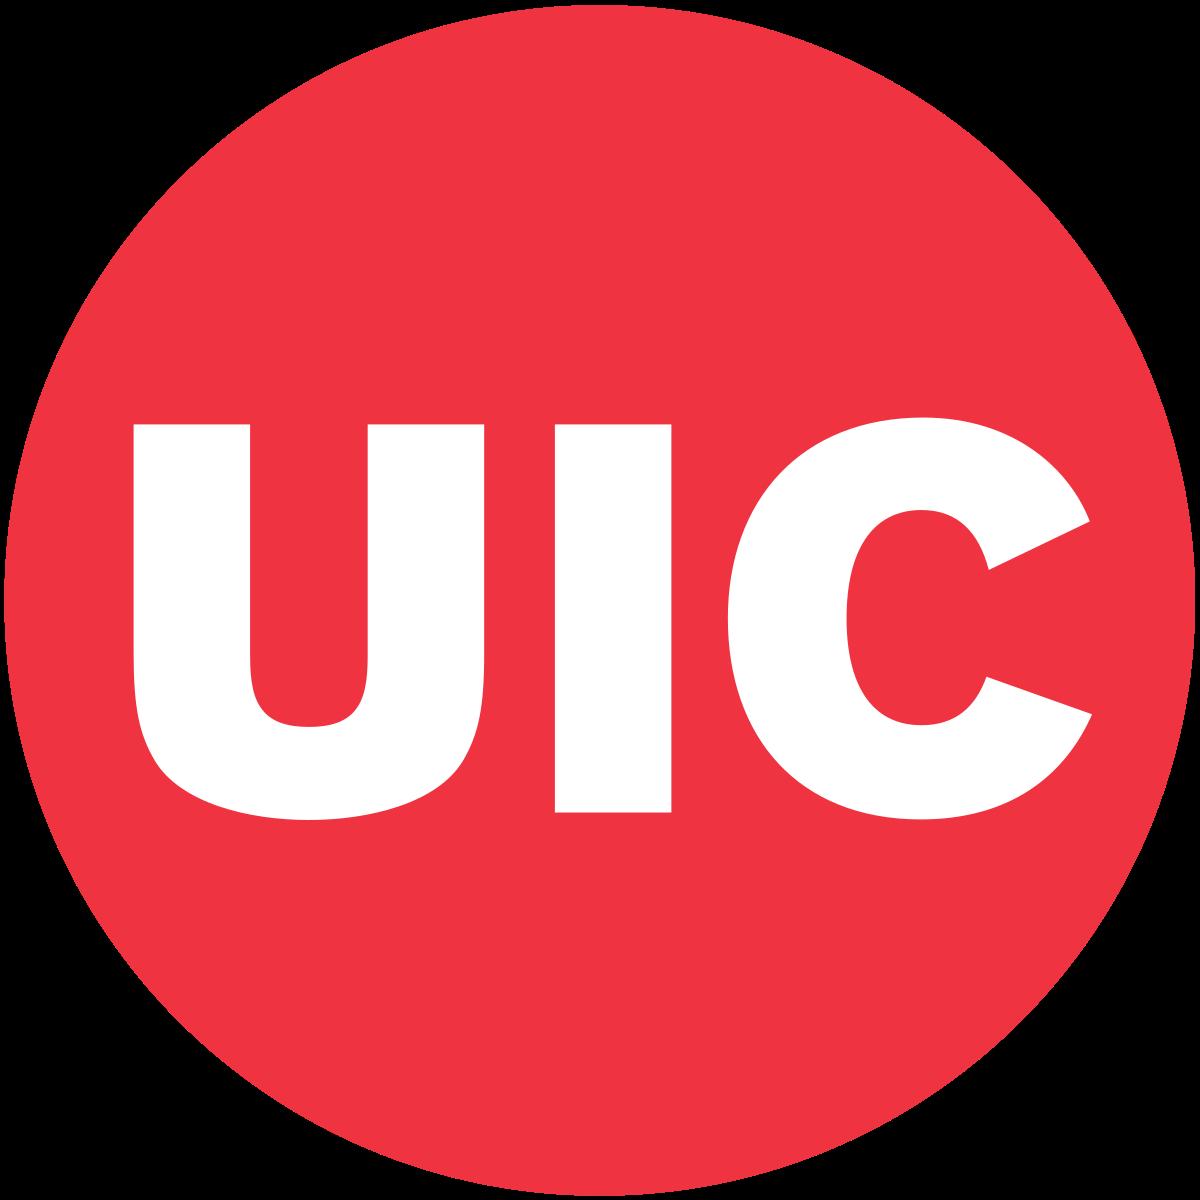 http://www.uic.edu